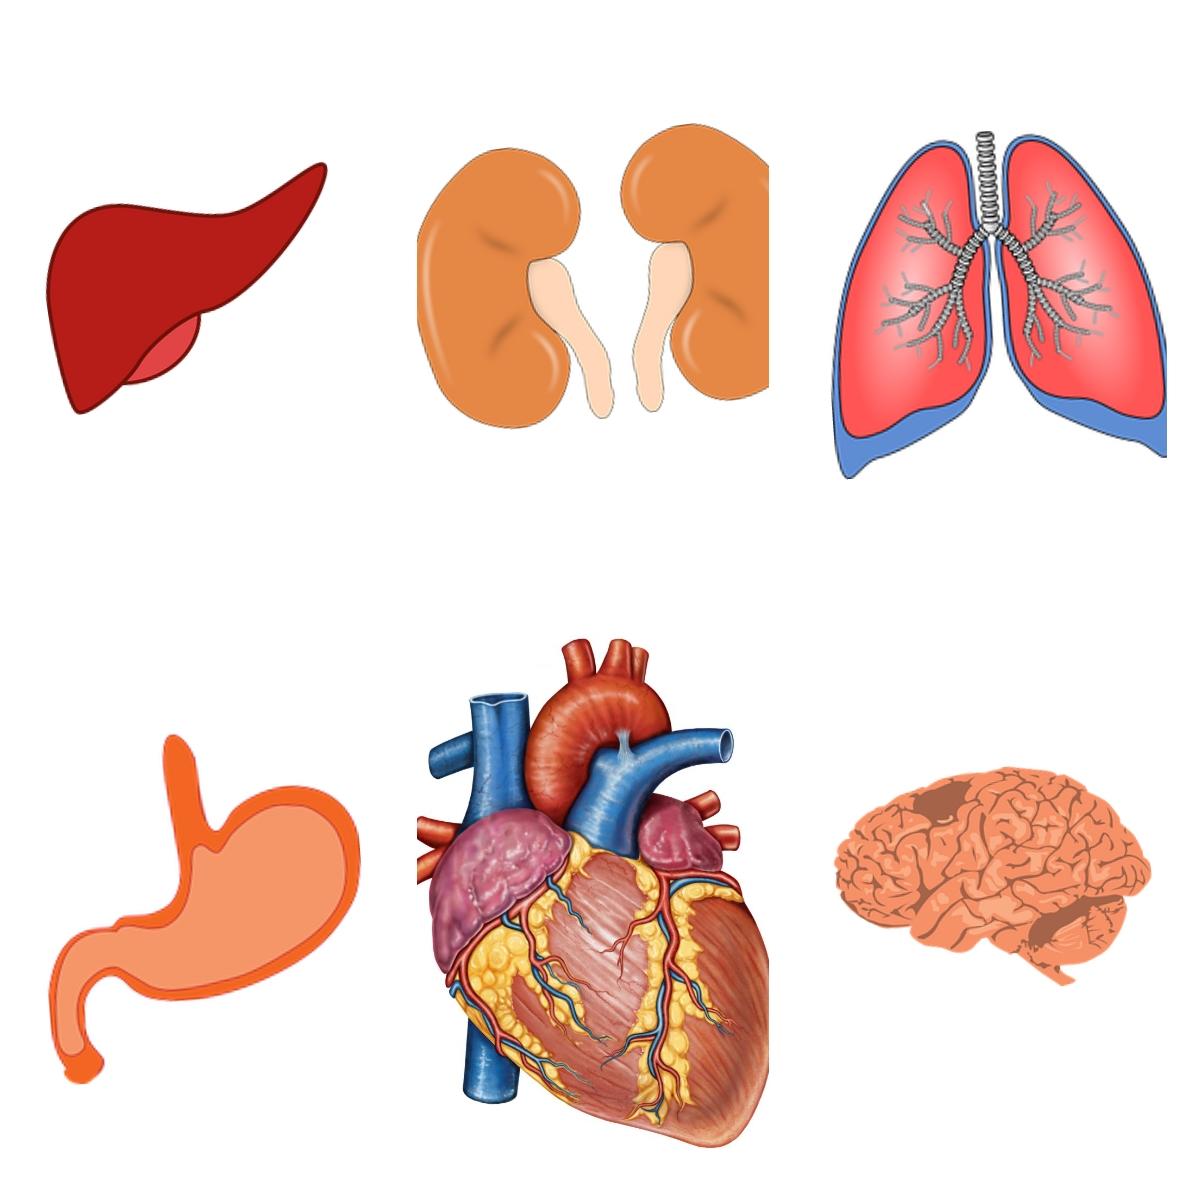 Increíble La Imagen Del Cuerpo Humano Y Los órganos Internos ...